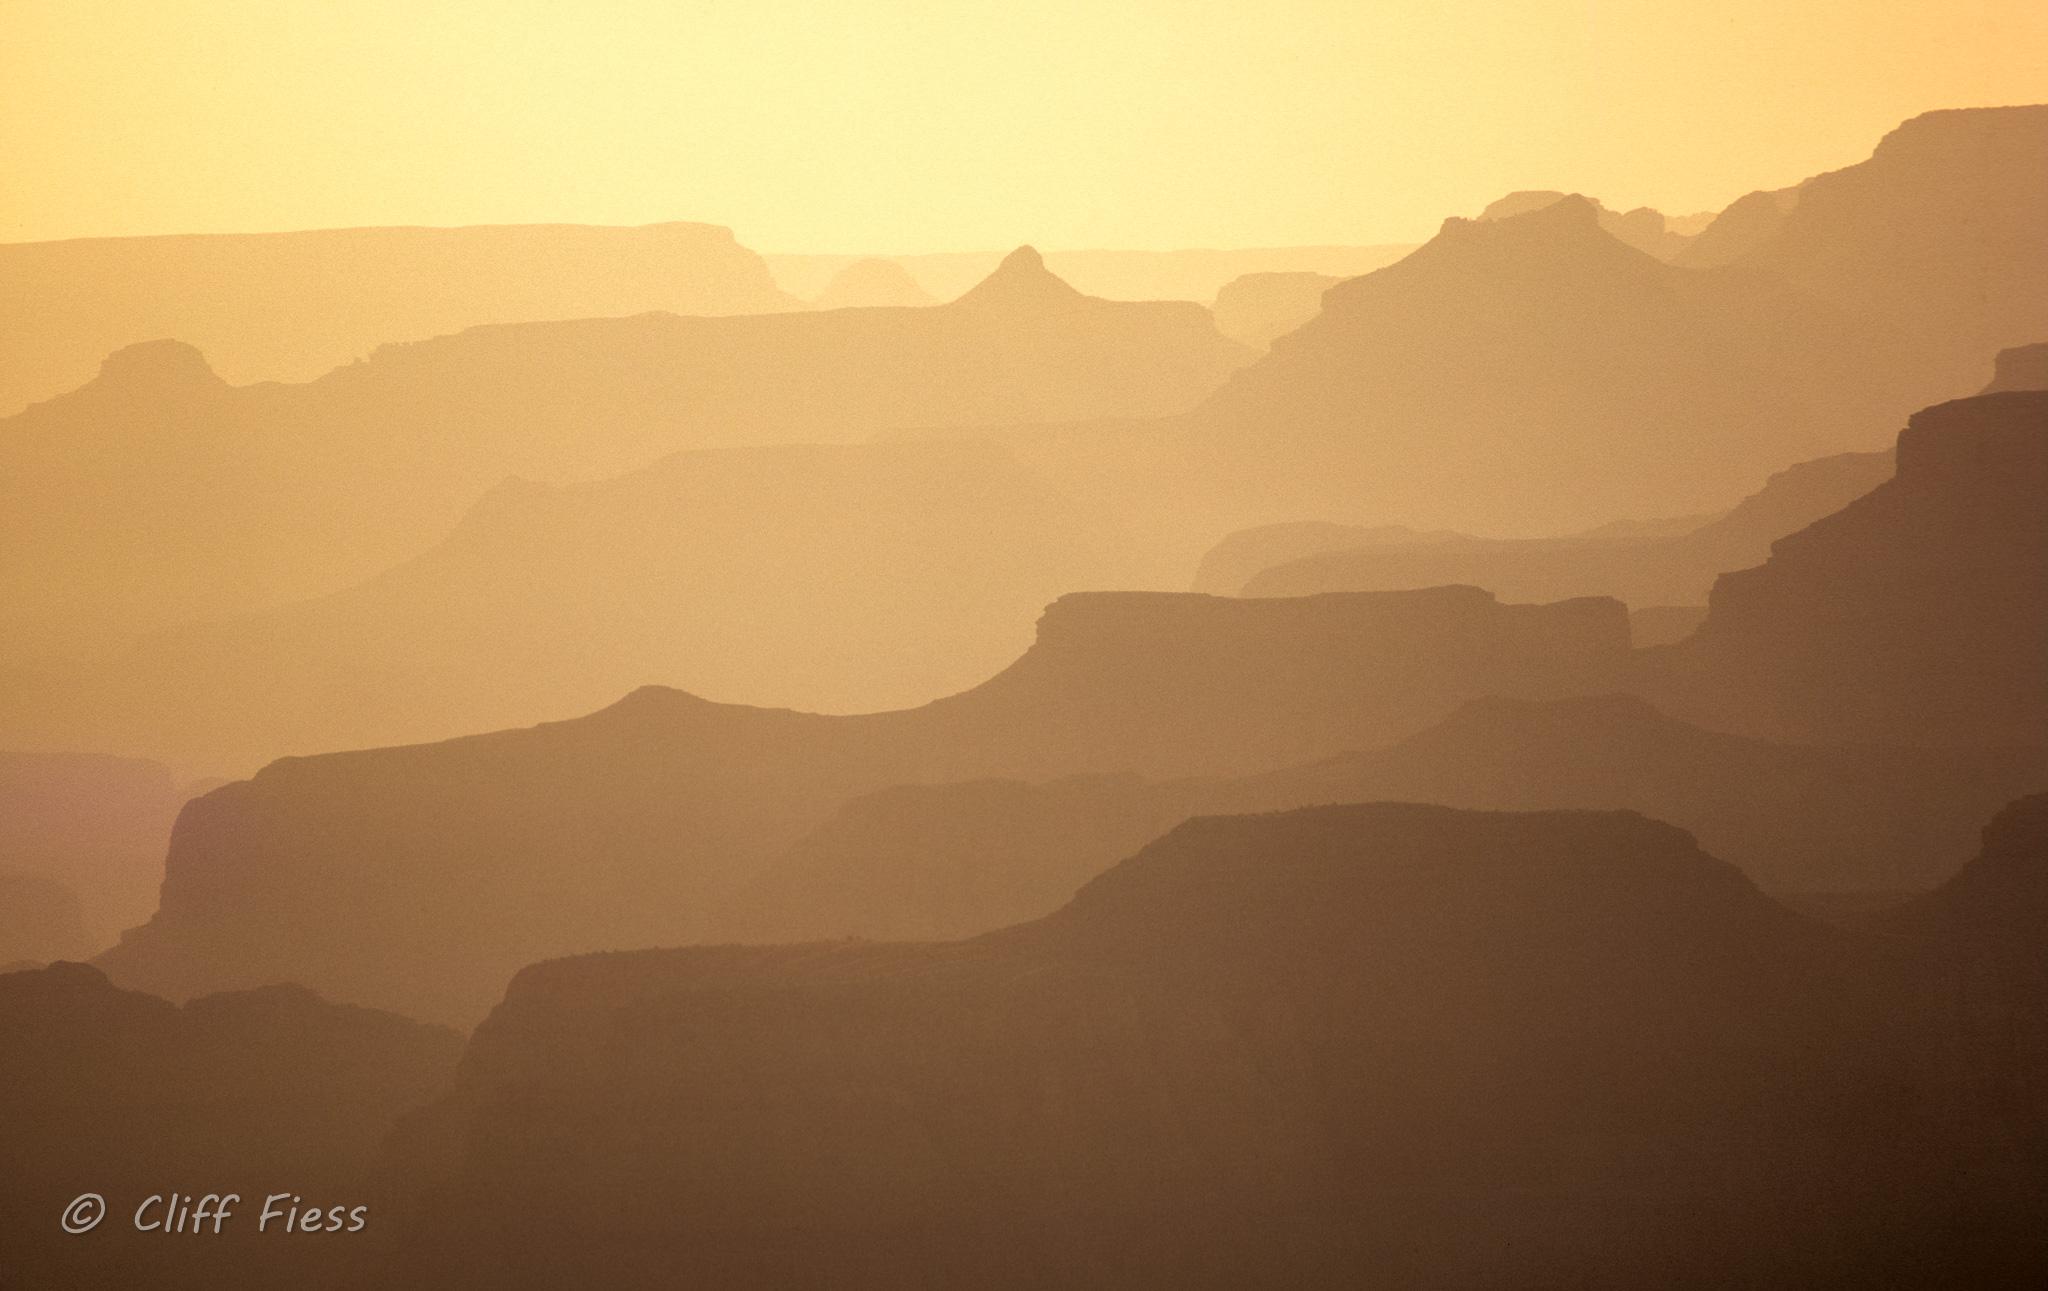 Grand Canyon at Dusk